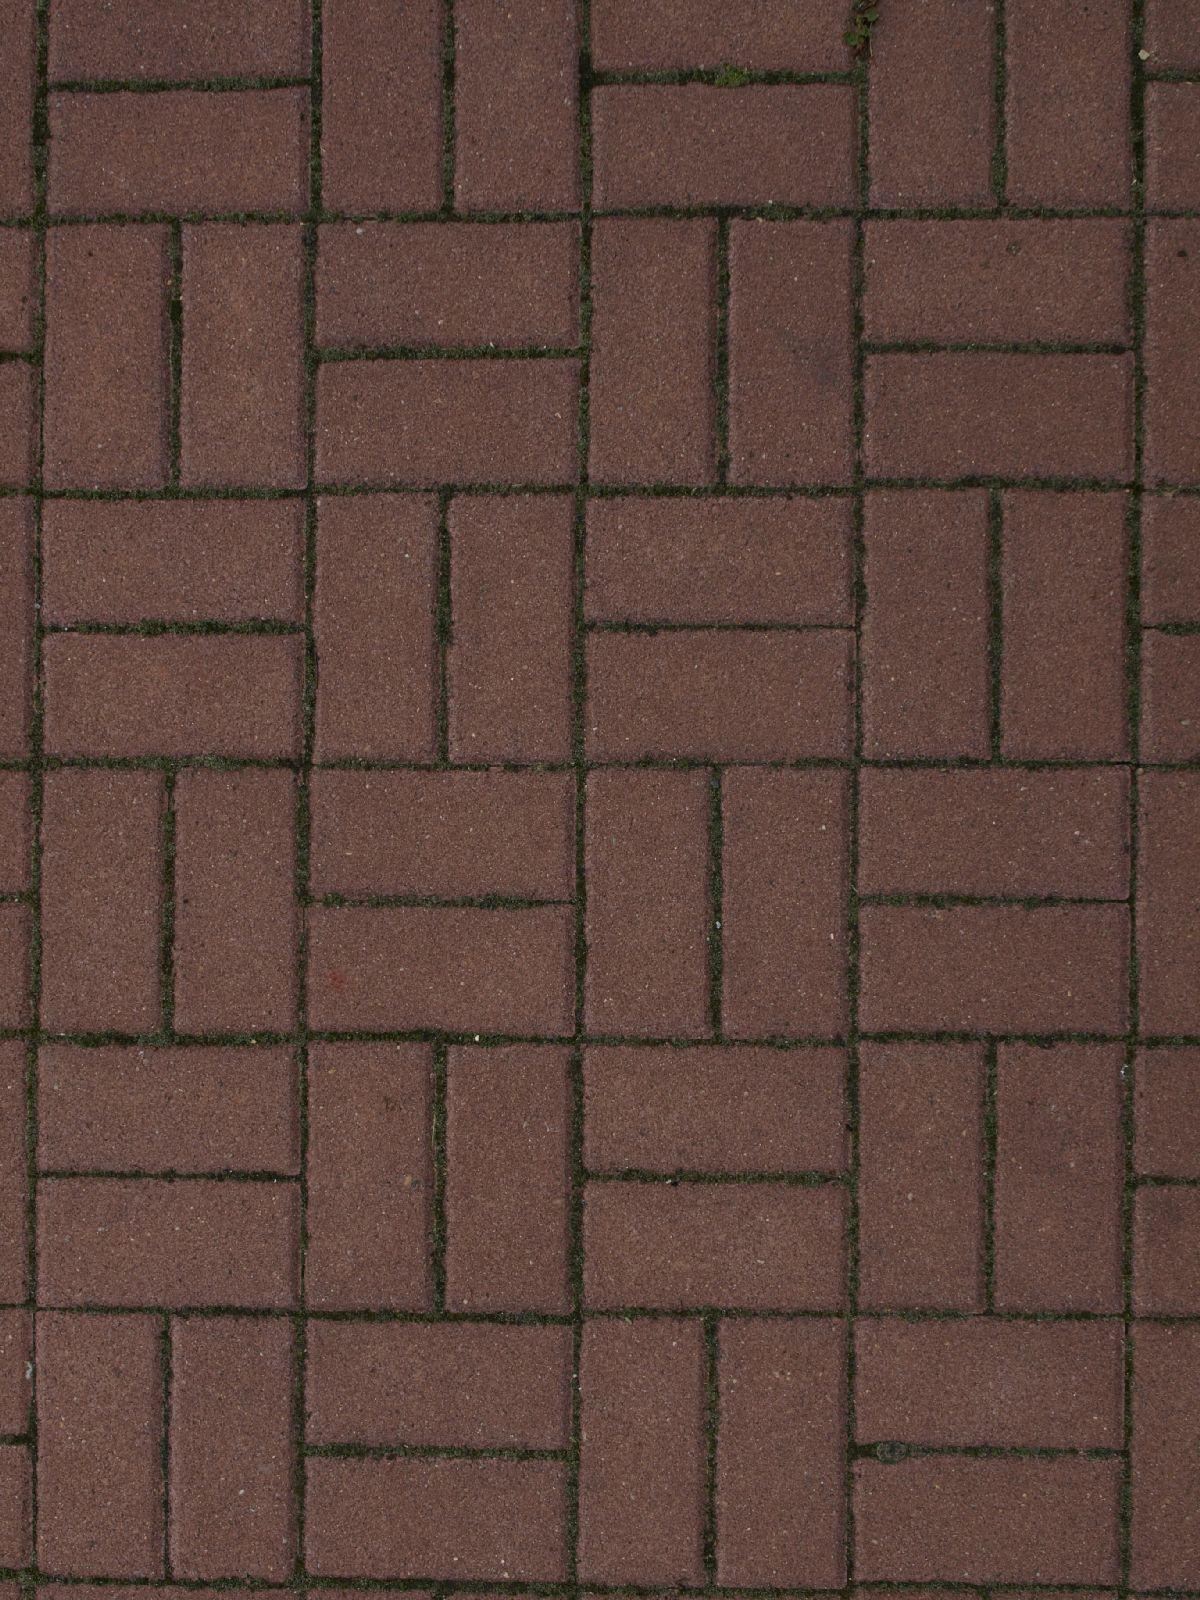 Boden-Gehweg-Strasse-Buergersteig-Textur_A_P9014761